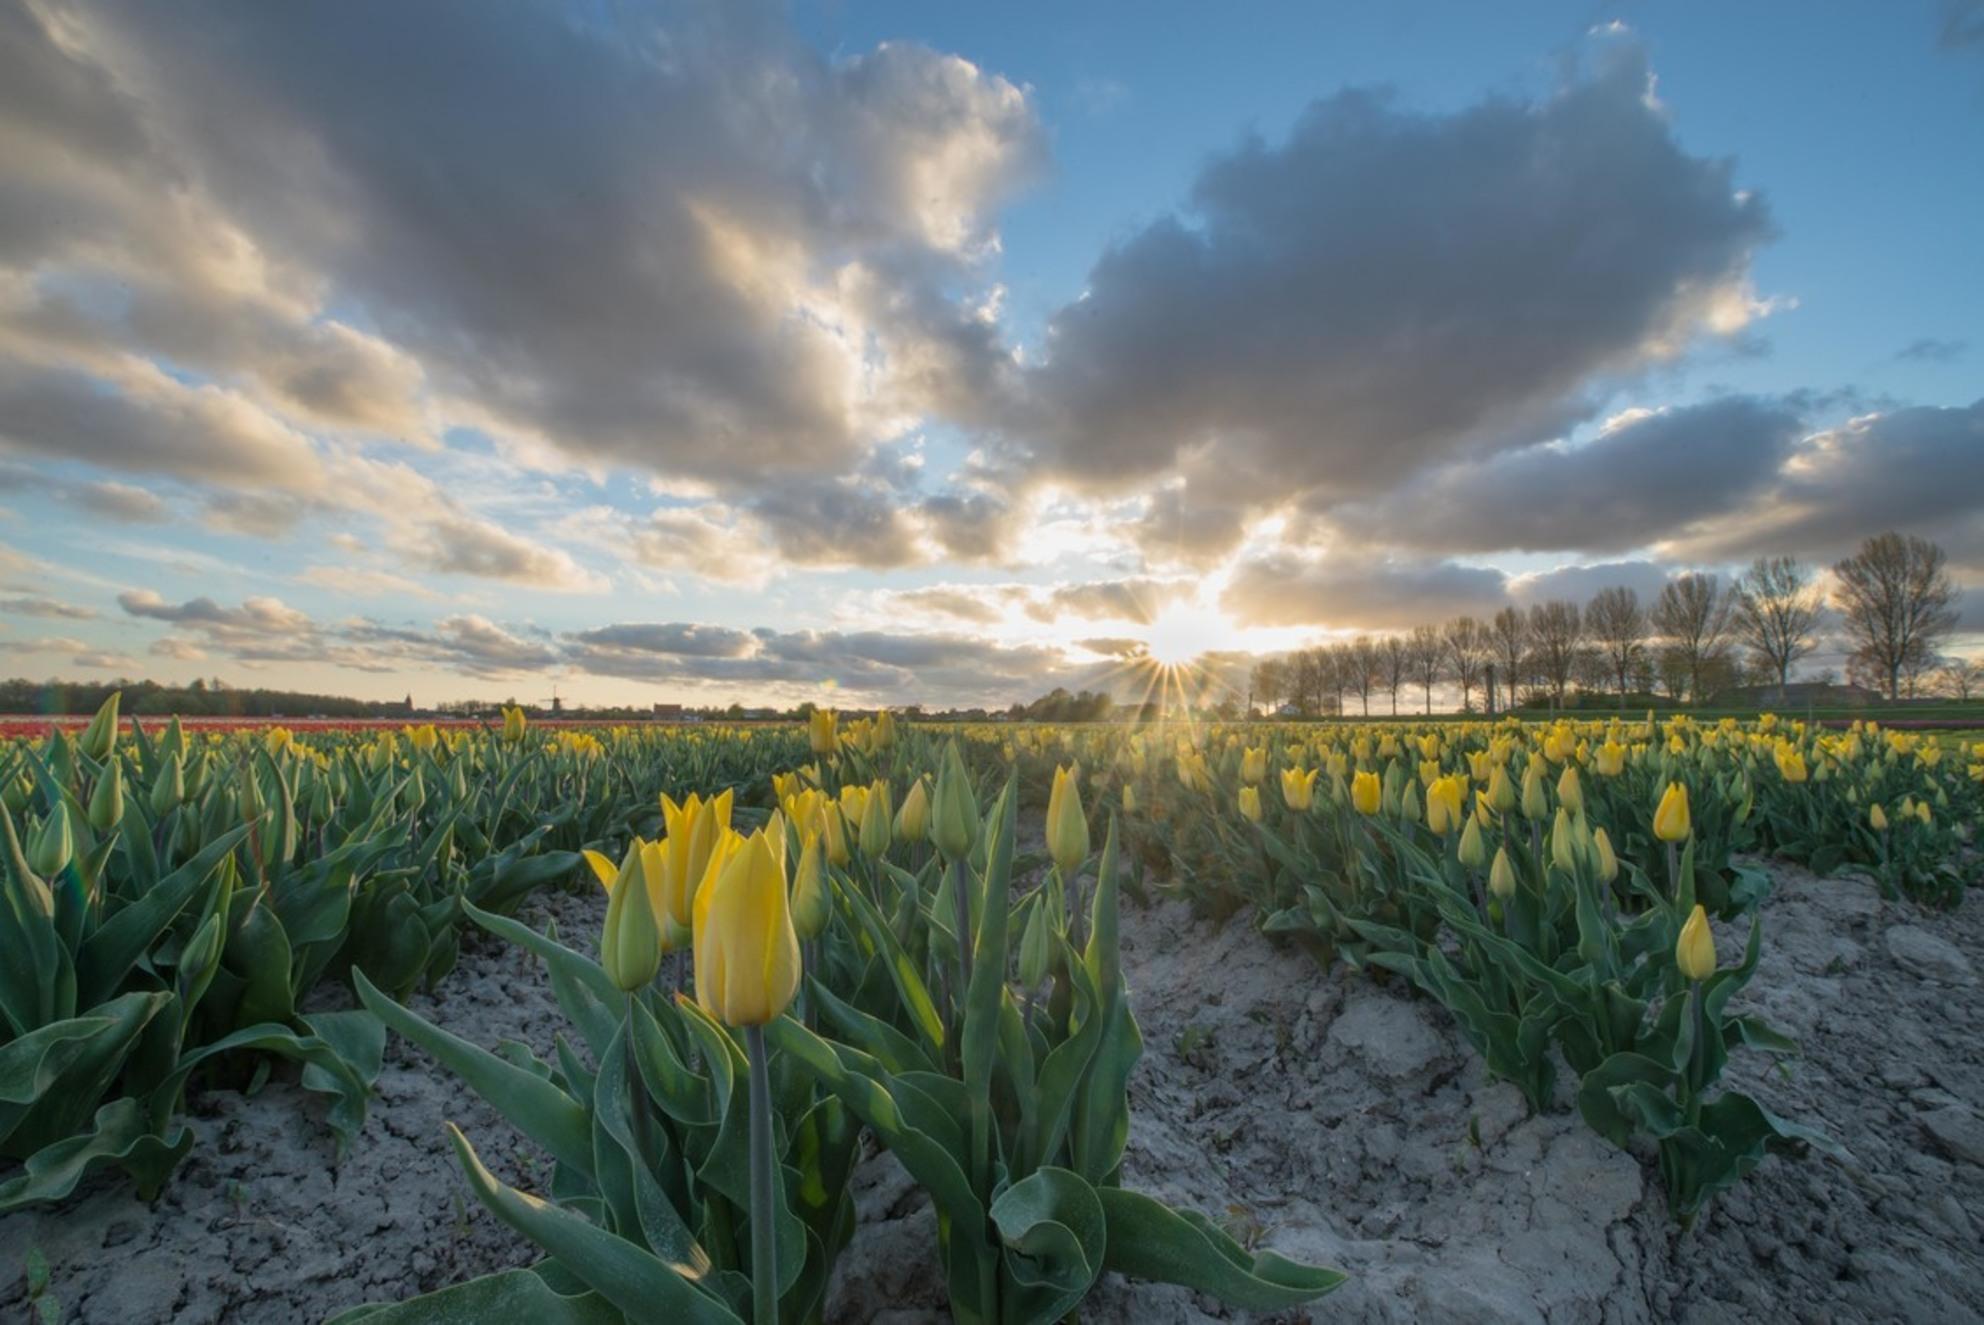 Spring sunset - Lente in de polder. Prachtige zonsondergang. Linksboven de foto nog een molen in de verte. - foto door Brouwer85_zoom op 11-04-2017 - deze foto bevat: lucht, wolken, zon, dijk, tulpen, lente, natuur, licht, avond, zonsondergang, landschap, tegenlicht, bomen, molen, nederland, polder, tulpenveld, goeree overflakkee - Deze foto mag gebruikt worden in een Zoom.nl publicatie